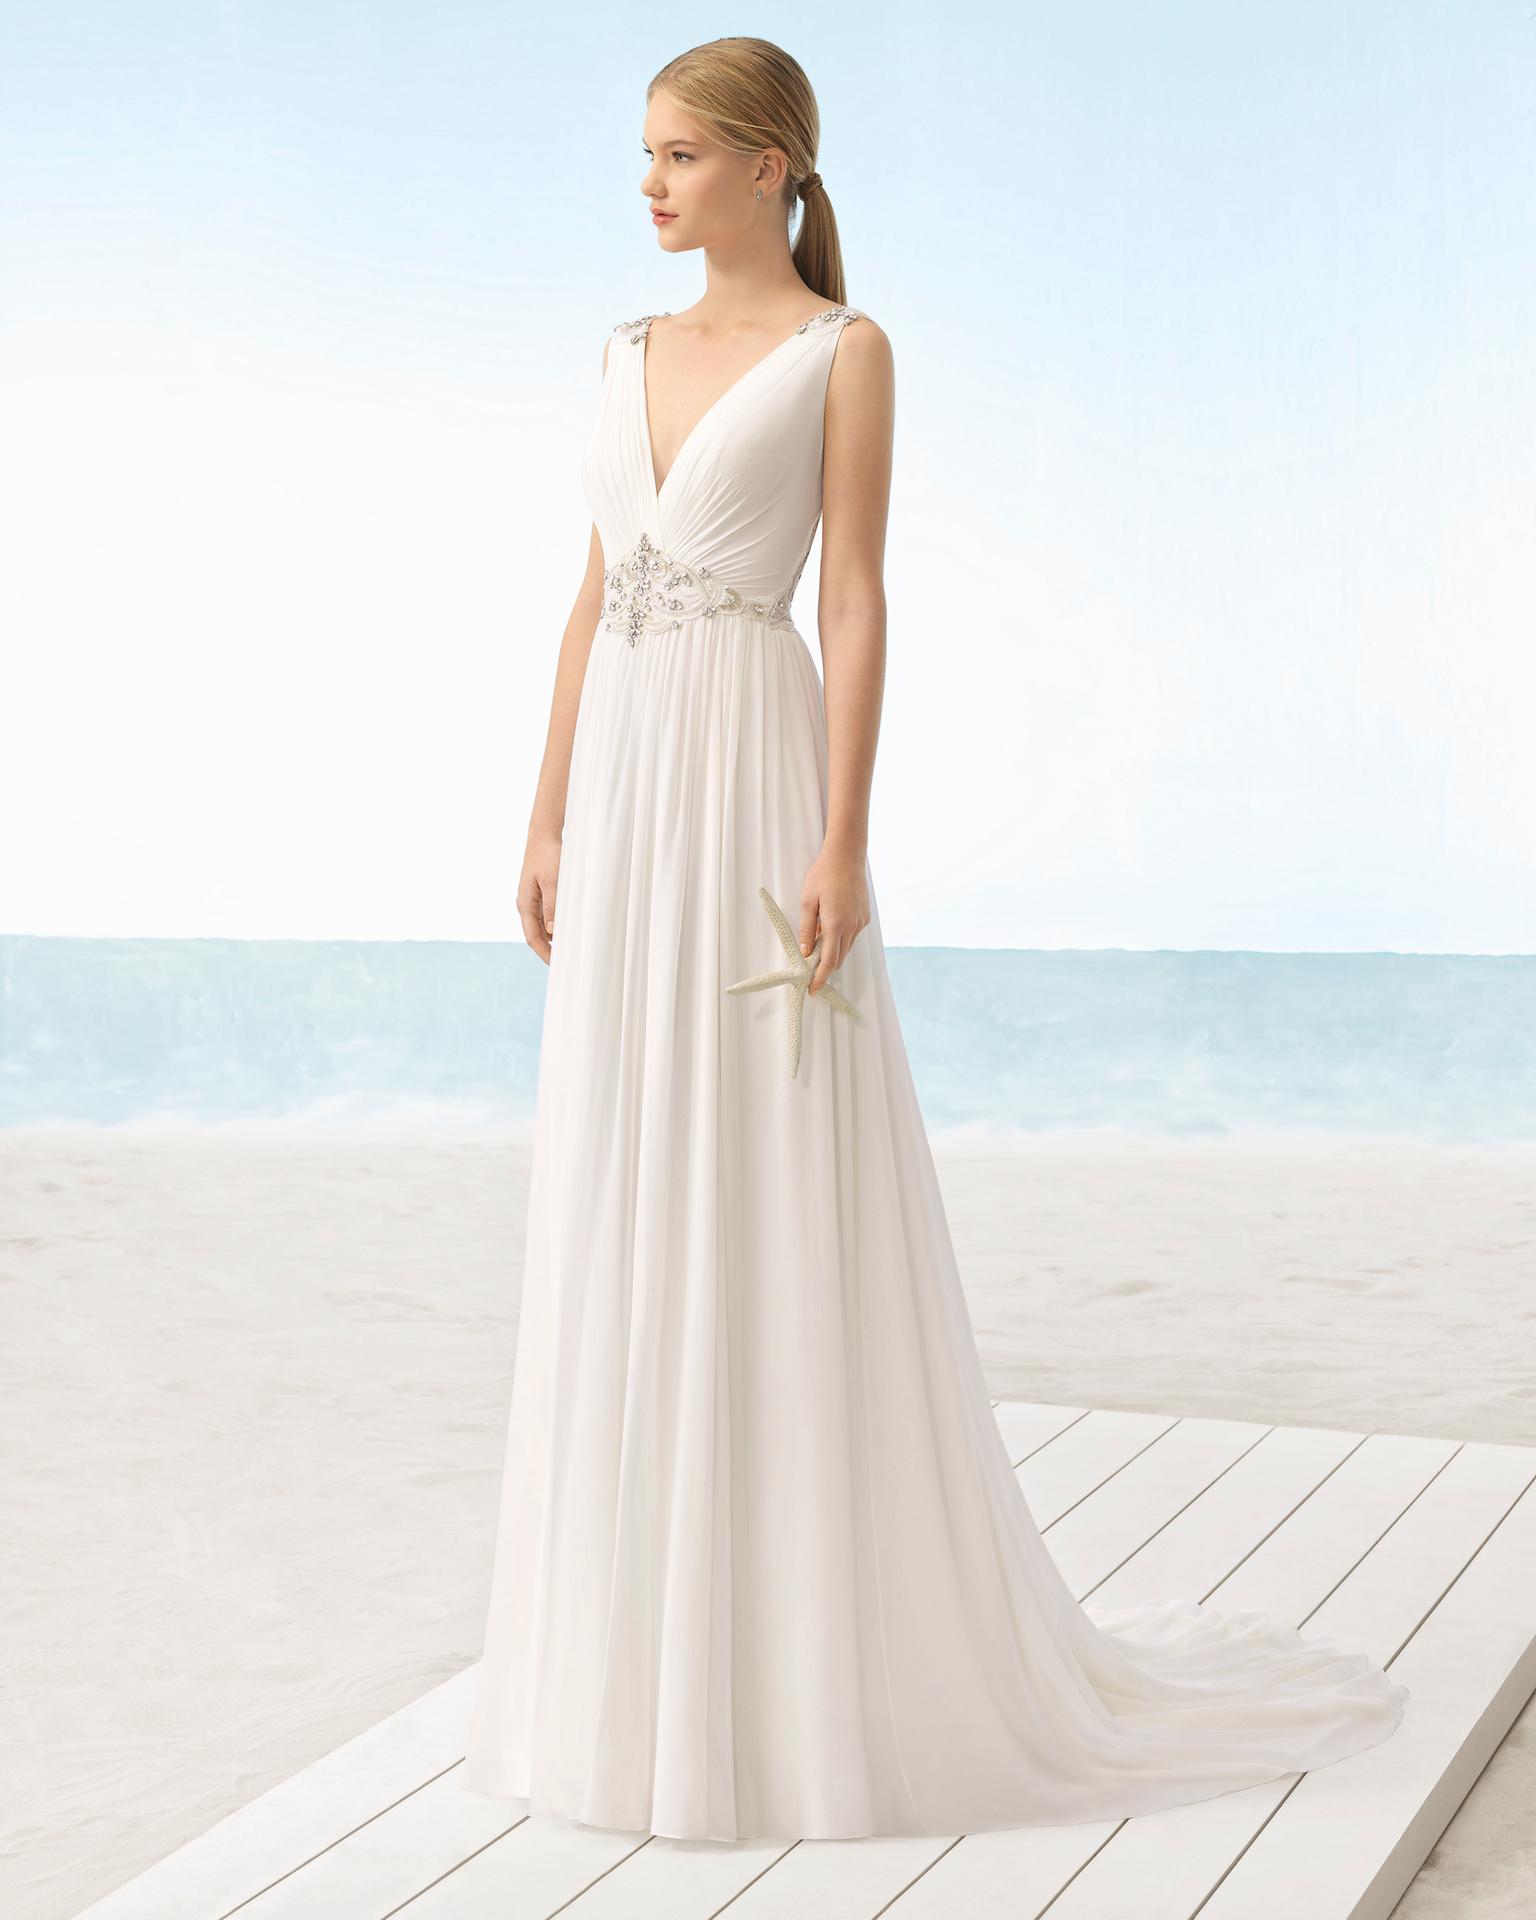 波西米亚风丝质雪纺绸新娘婚纱,V领珠宝镶饰后背设计。